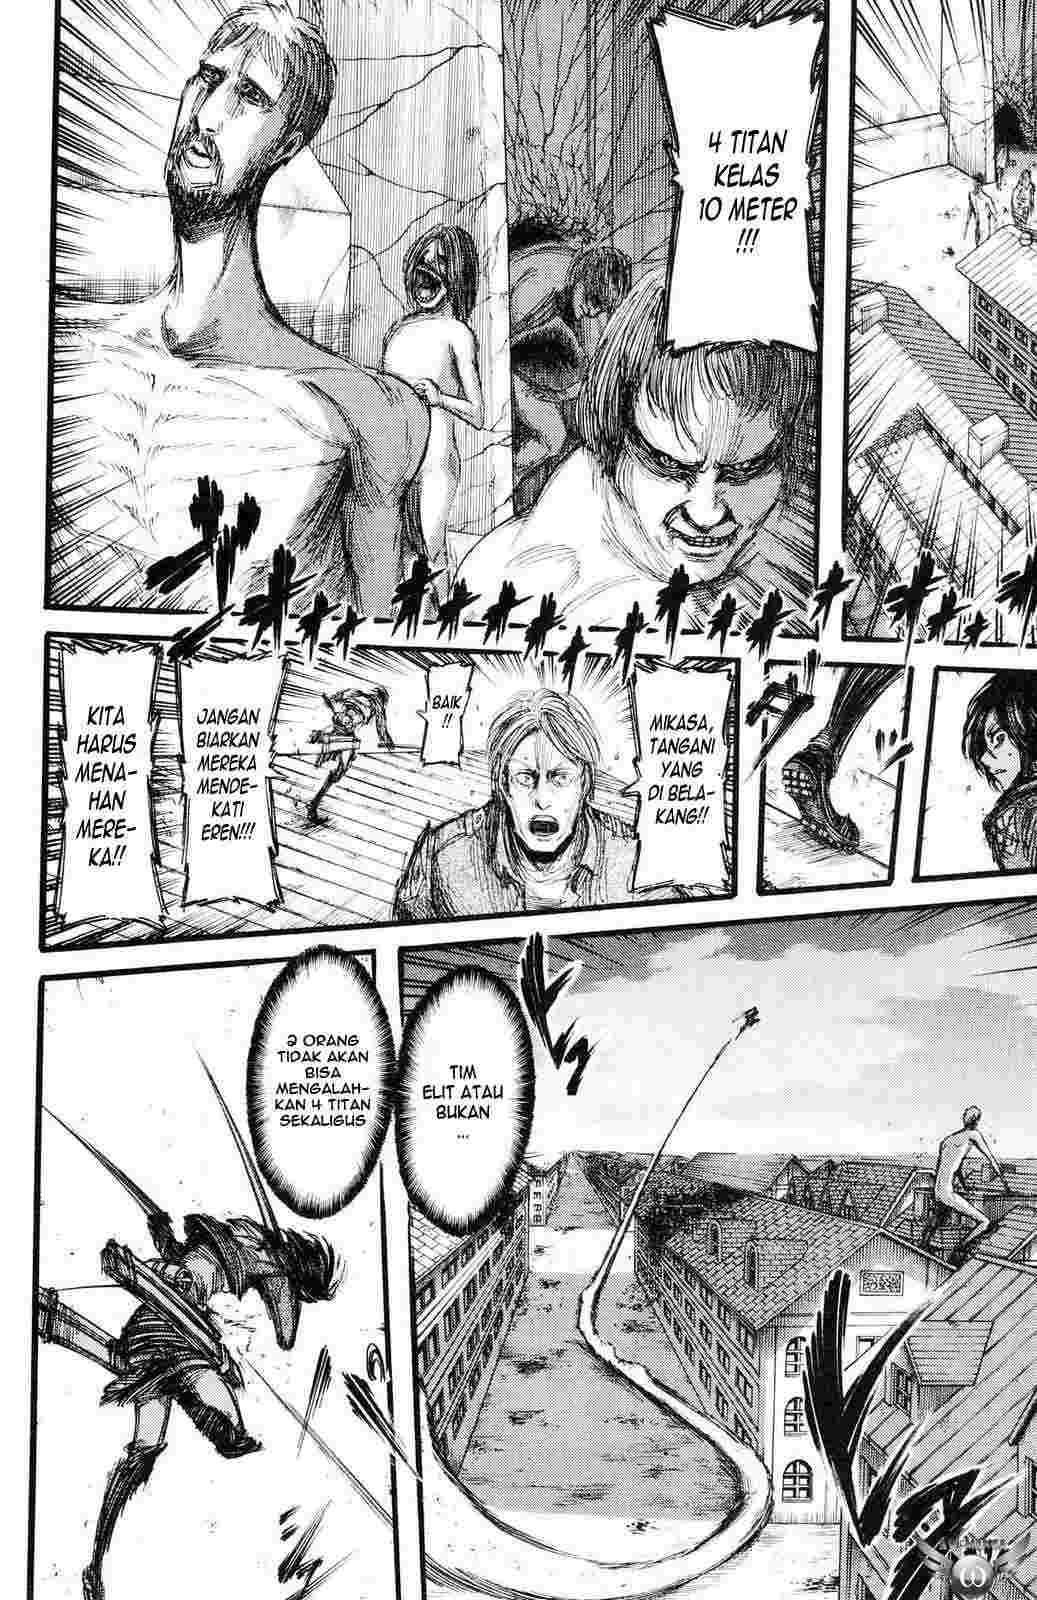 Komik shingeki no kyojin 013 - Luka 14 Indonesia shingeki no kyojin 013 - Luka Terbaru 27|Baca Manga Komik Indonesia|Mangaku